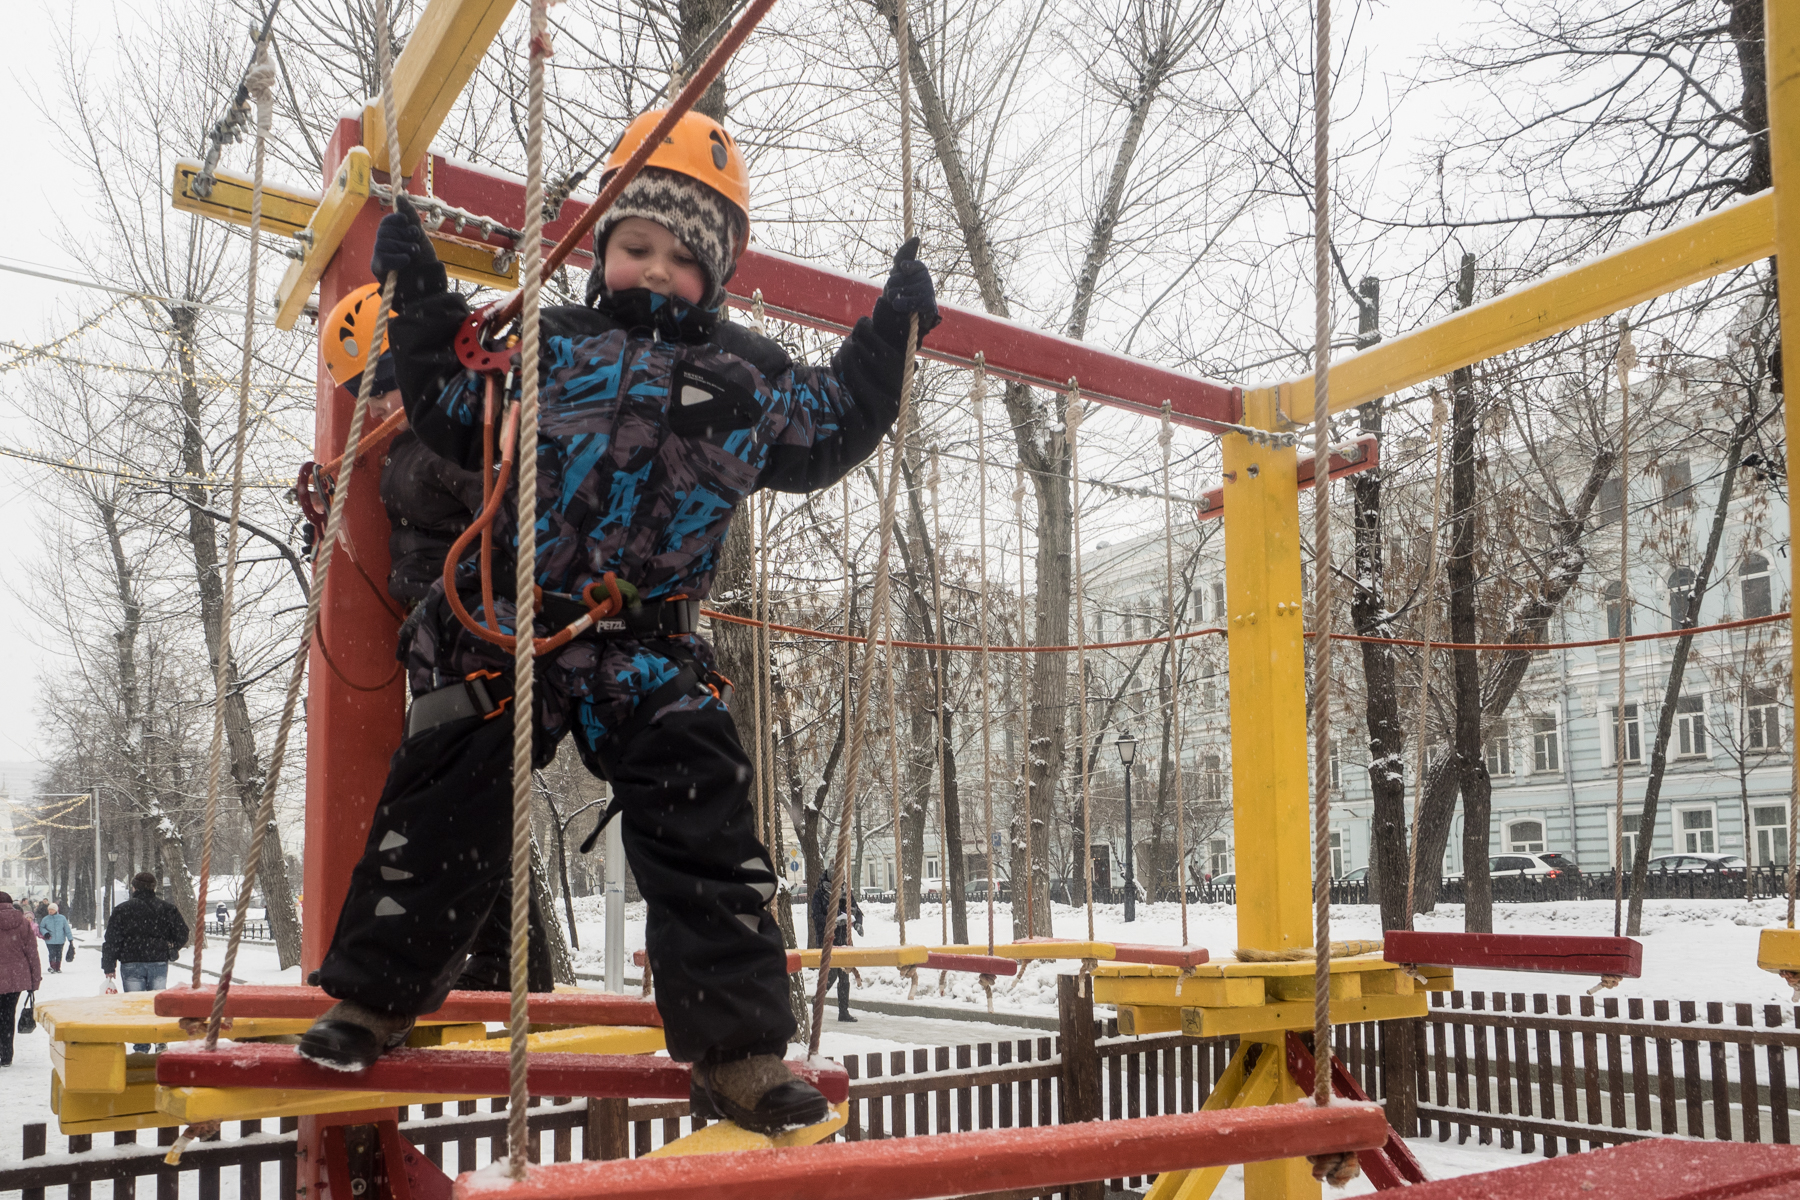 масленица москва тверской бульвар 23 февраля